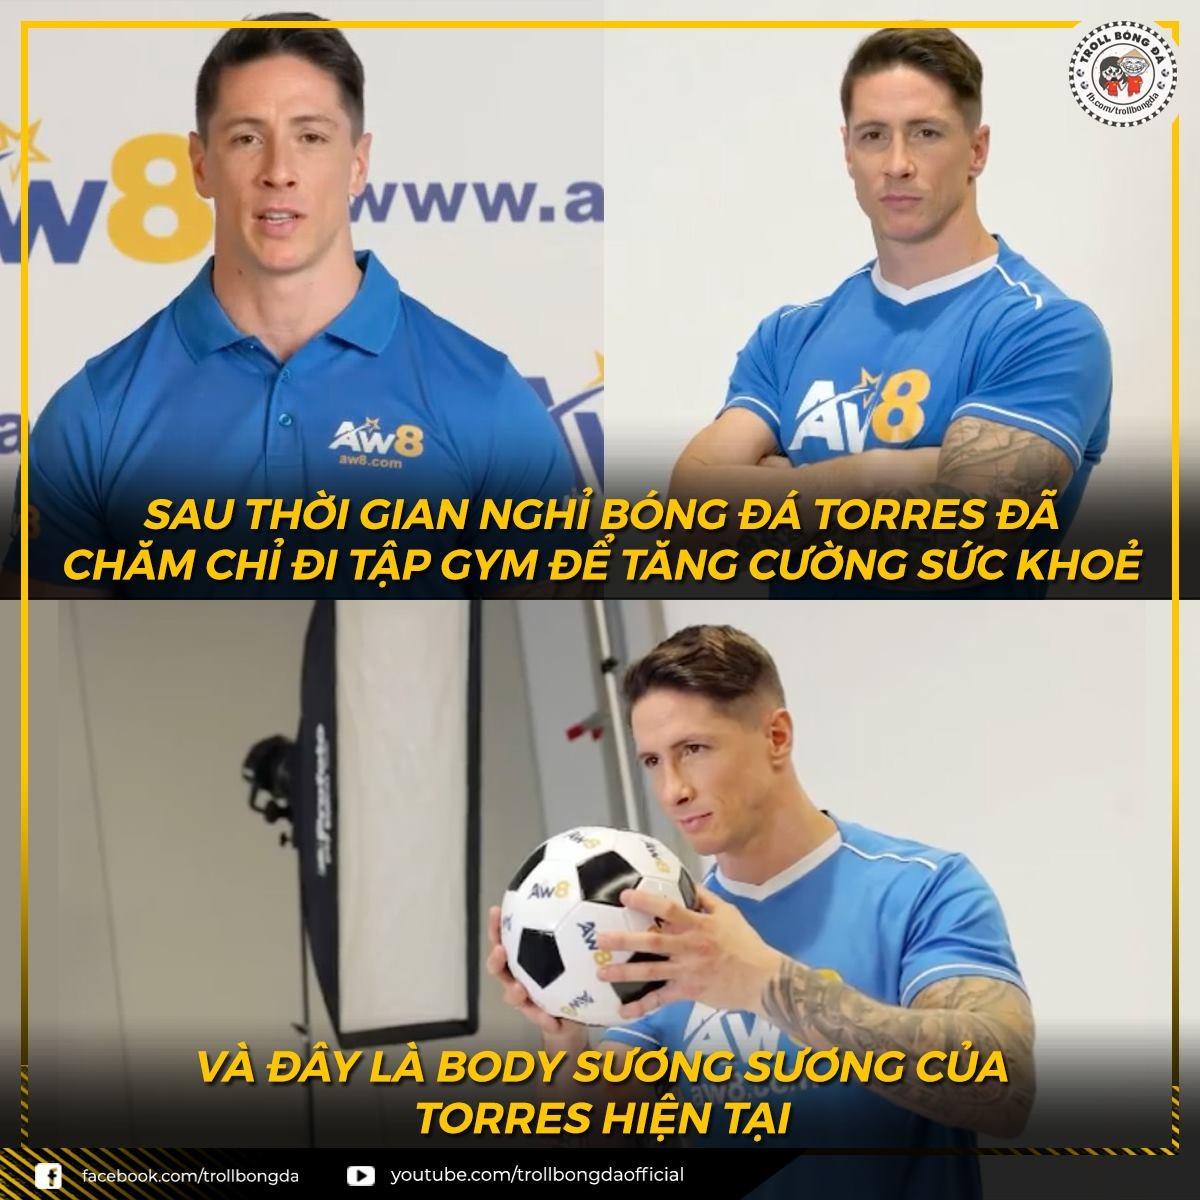 """Torres biến thành """"lực sĩ"""" sau khi giải nghệ (Ảnh: Troll bóng đá)."""